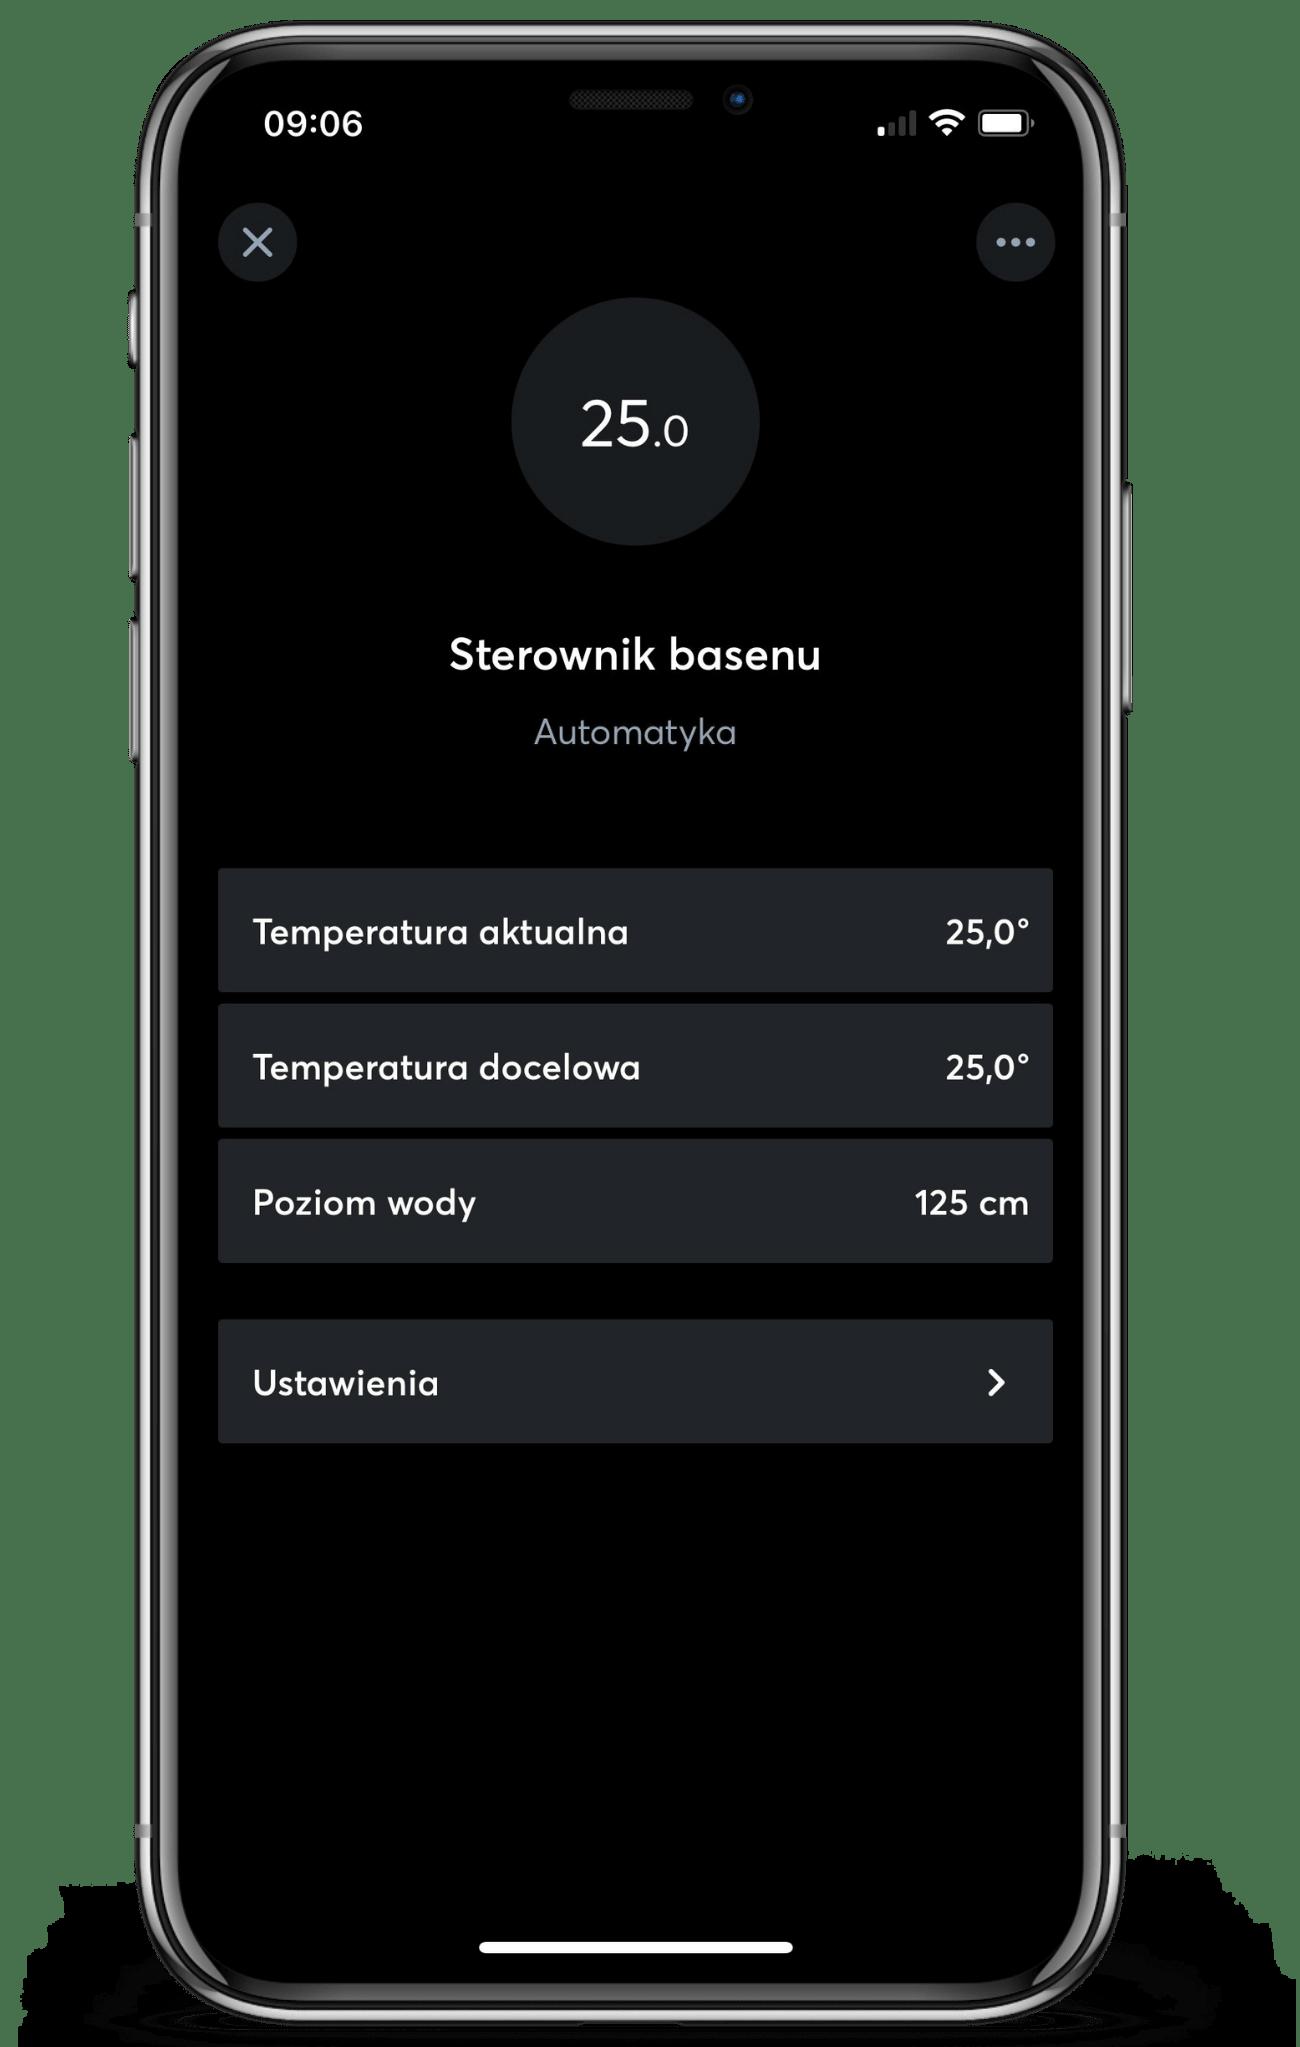 Sterownik basenu w aplikacji Loxone